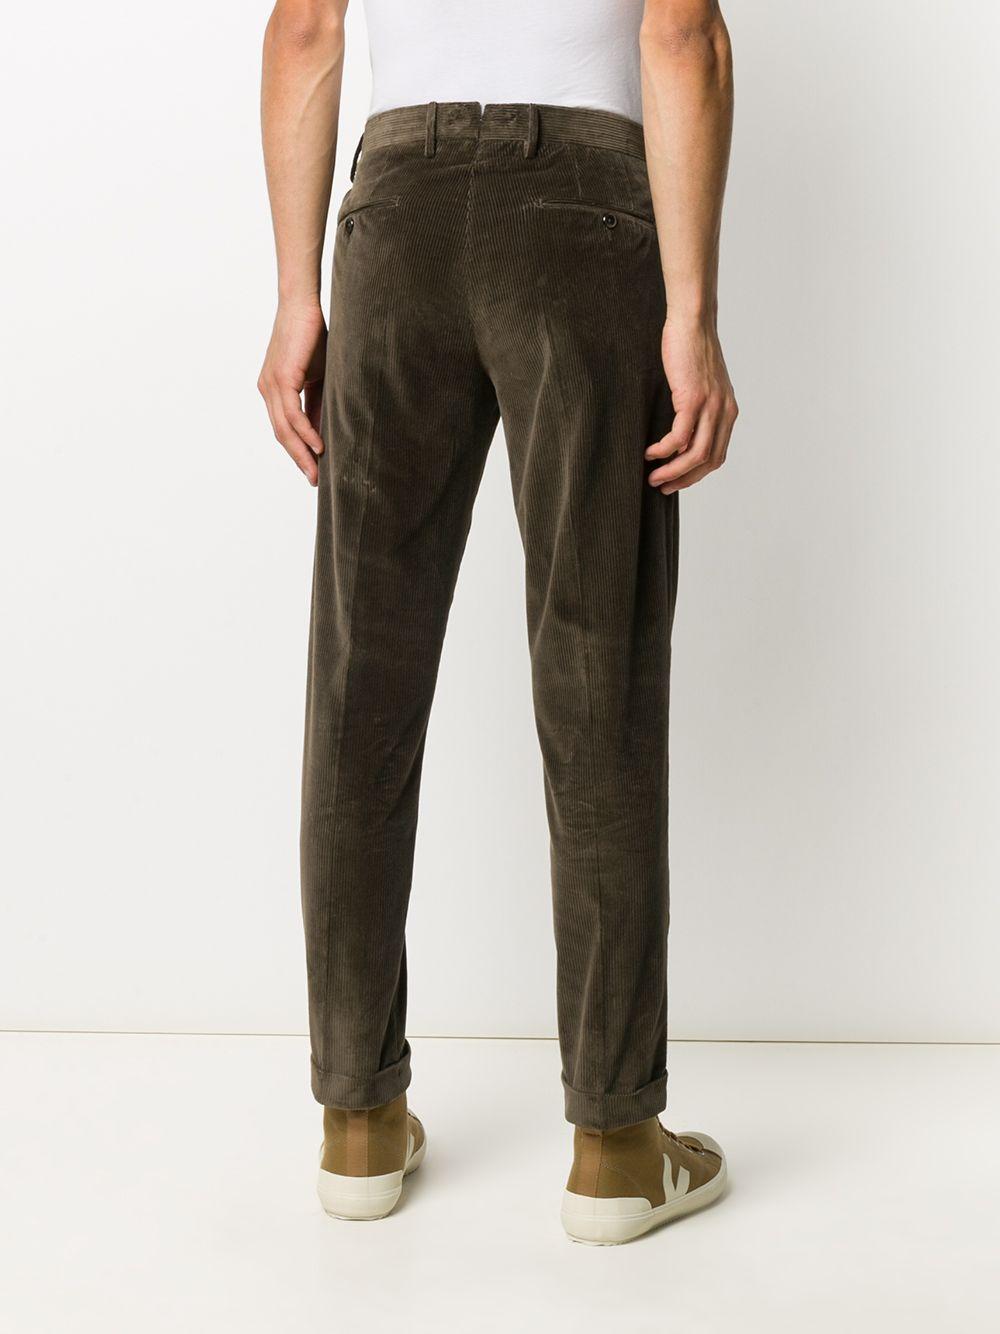 Pantalone dritto in velluto a costine verde scuro con doppia pence PT01 | Pantaloni | COHS22ZS0CL2-PG910125